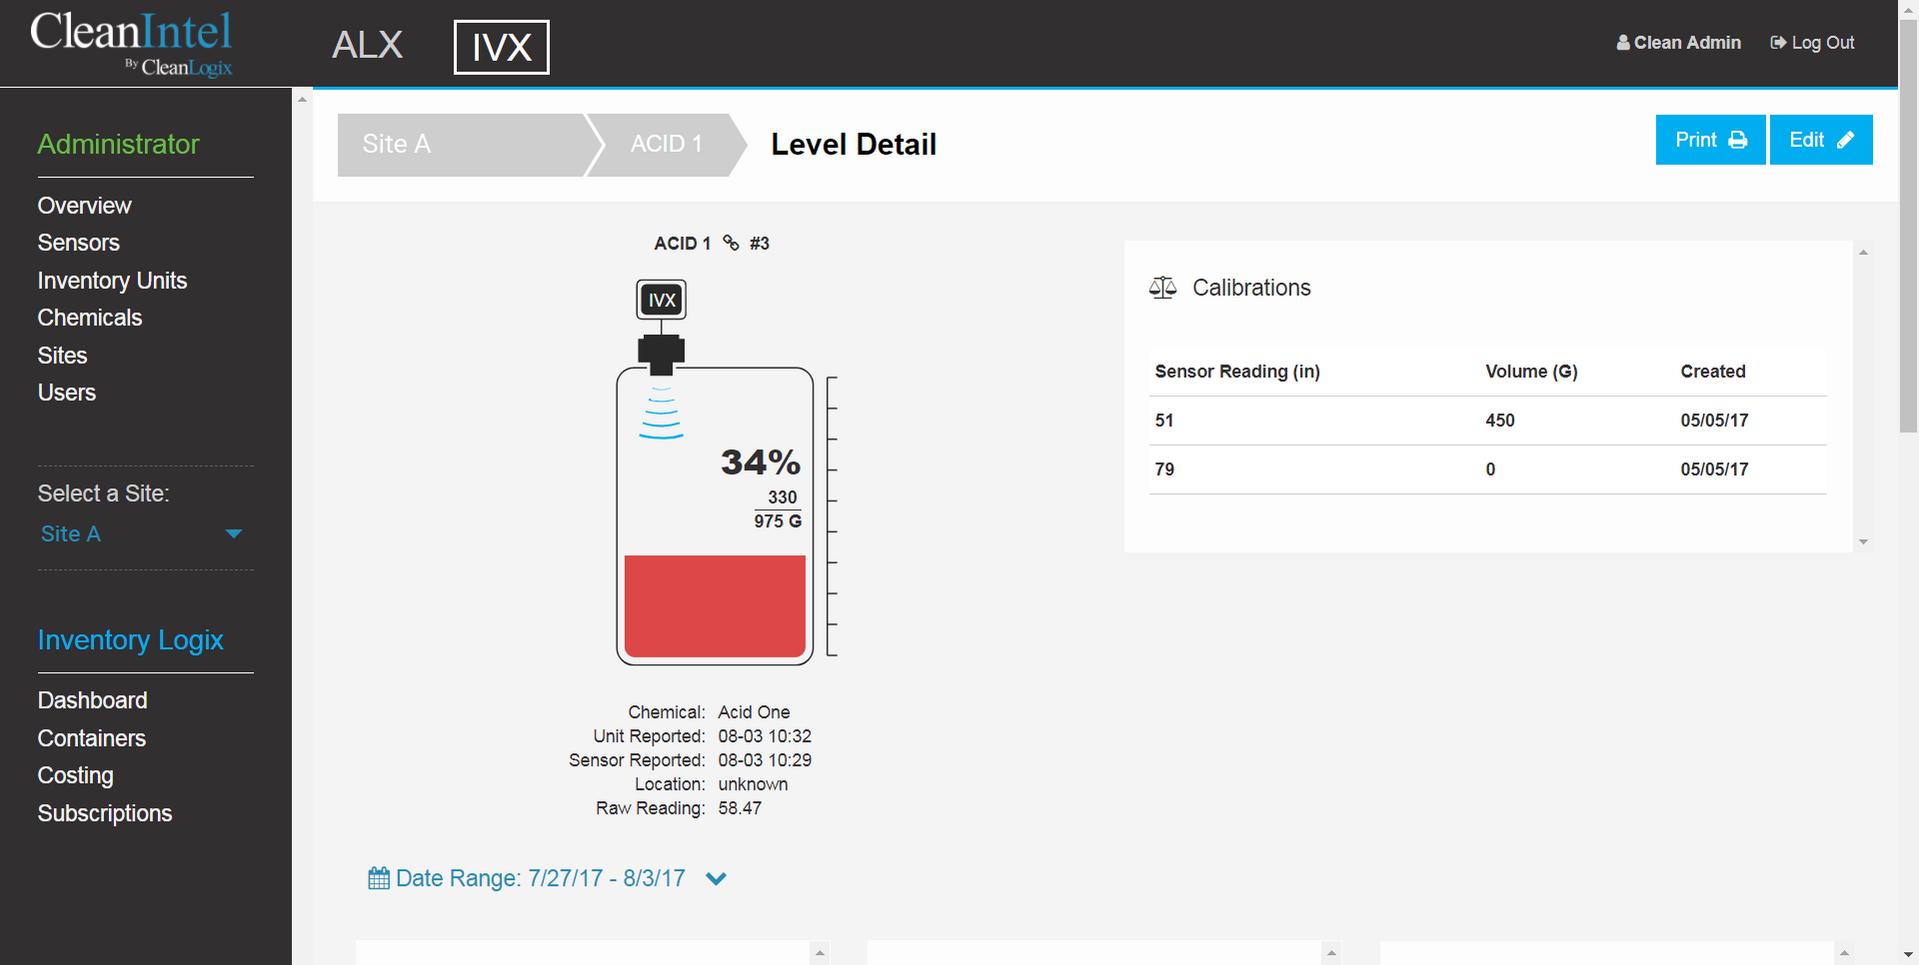 CleanIntel IVX Tank Details